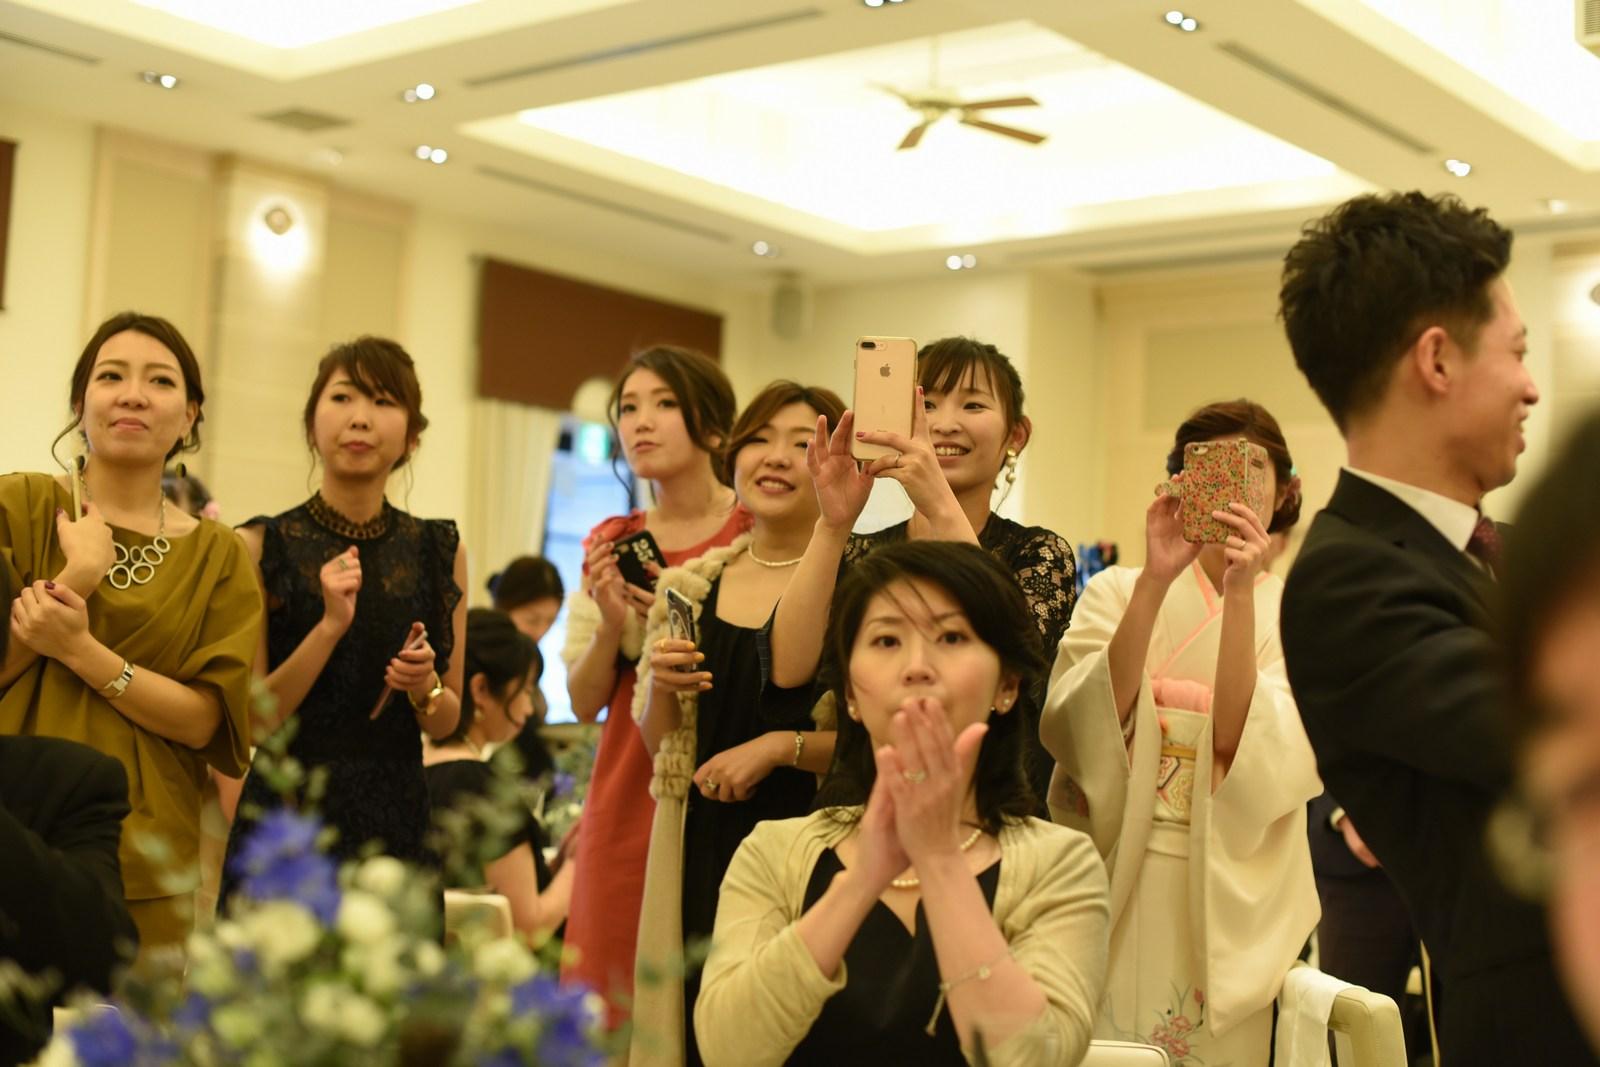 高松市の結婚式場アイルバレクラブでケーキ入刀シーンを撮るゲストの笑顔